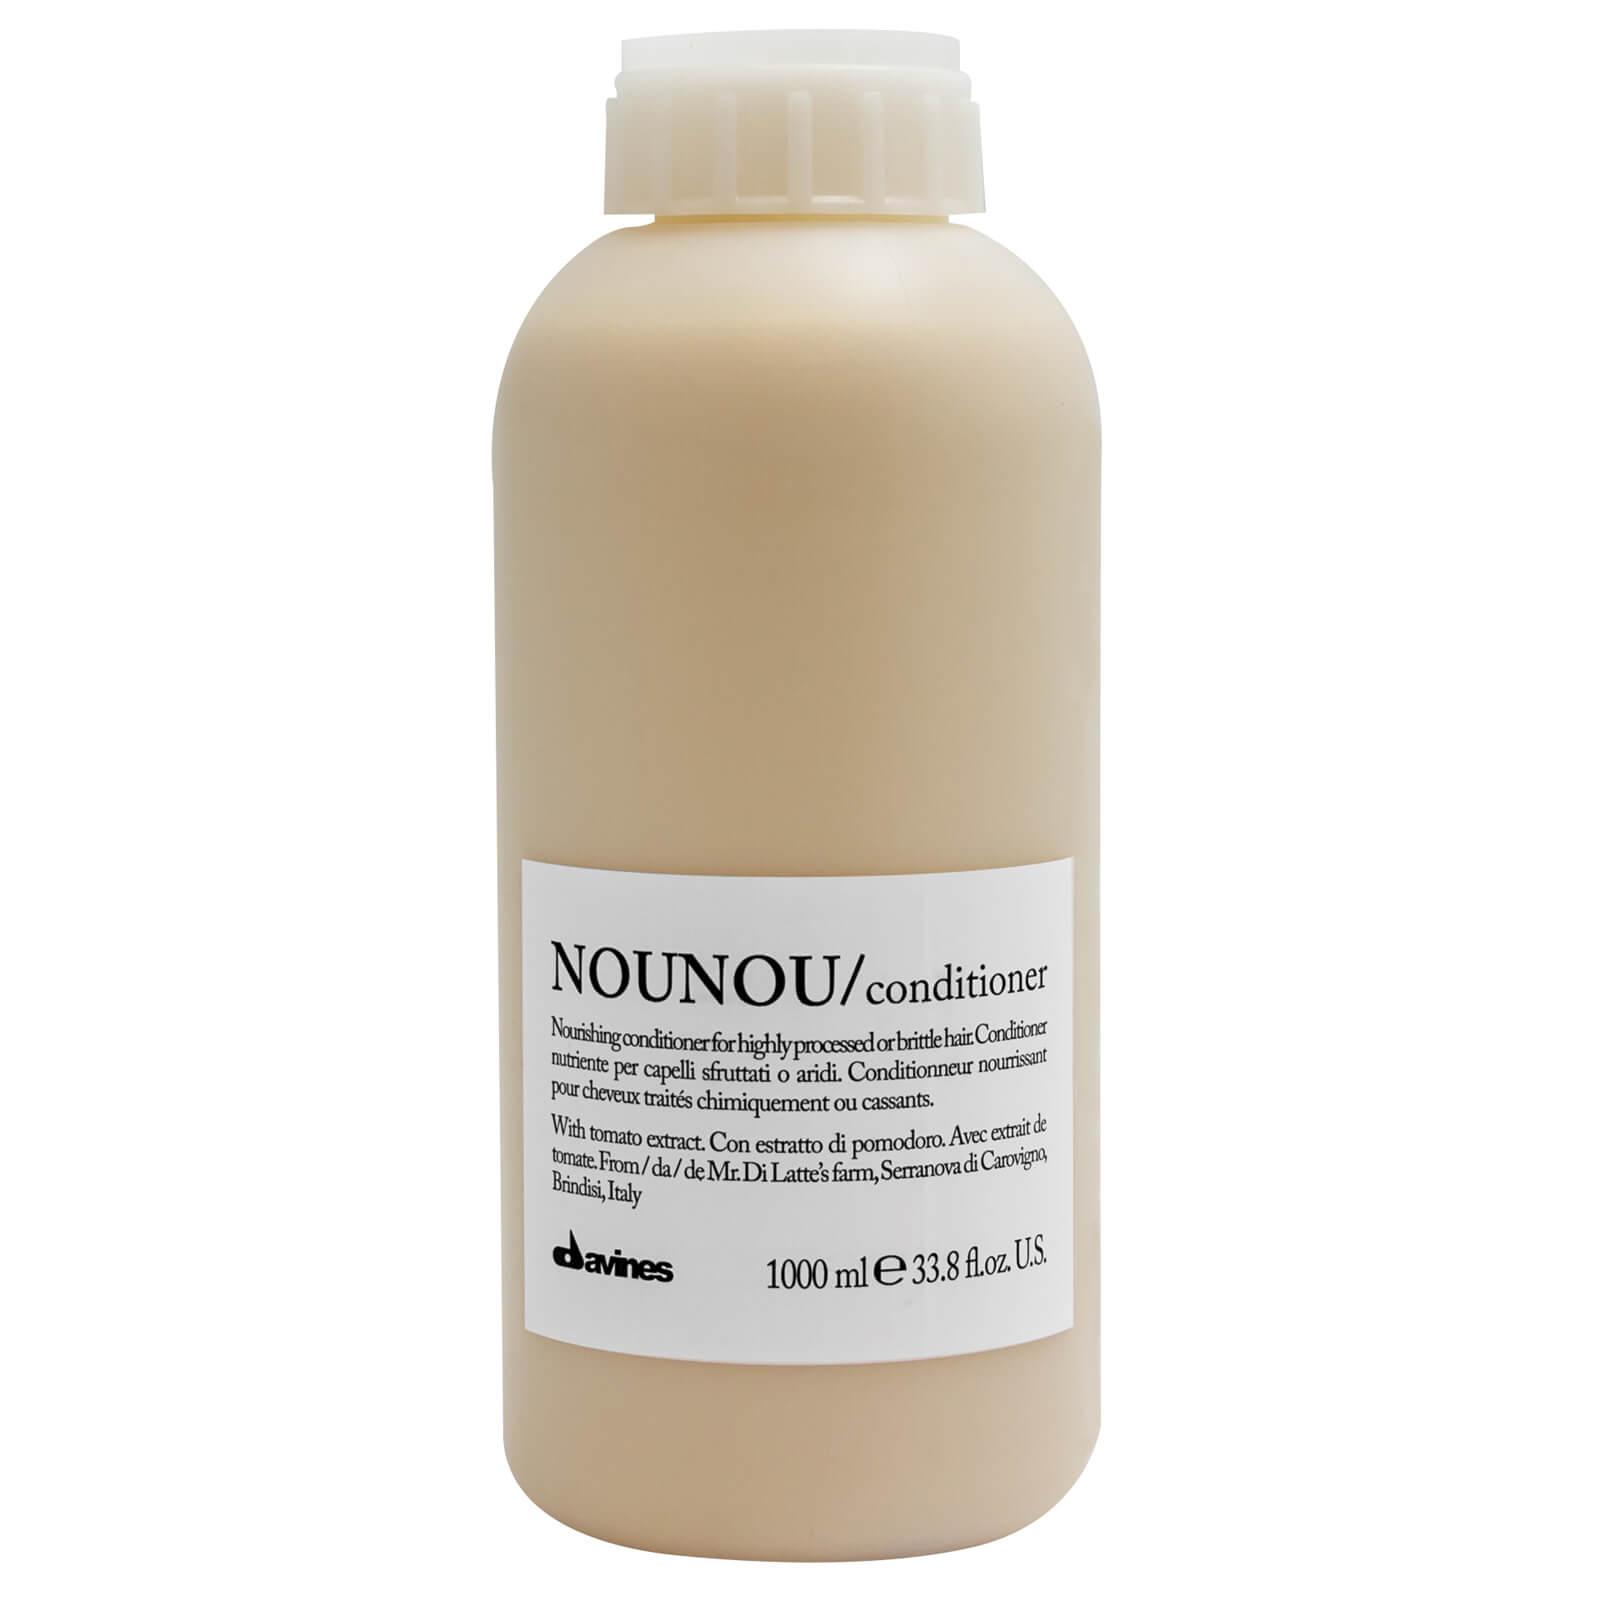 Dầu xả siêu mượt cho tóc khô hư tổn do hóa chất uốn duỗi nhuộm - Davines Nounou Conditioner 1000ml - 18439994 , 9283885275447 , 62_24321612 , 1223000 , Dau-xa-sieu-muot-cho-toc-kho-hu-ton-do-hoa-chat-uon-duoi-nhuom-Davines-Nounou-Conditioner-1000ml-62_24321612 , tiki.vn , Dầu xả siêu mượt cho tóc khô hư tổn do hóa chất uốn duỗi nhuộm - Davines Nouno